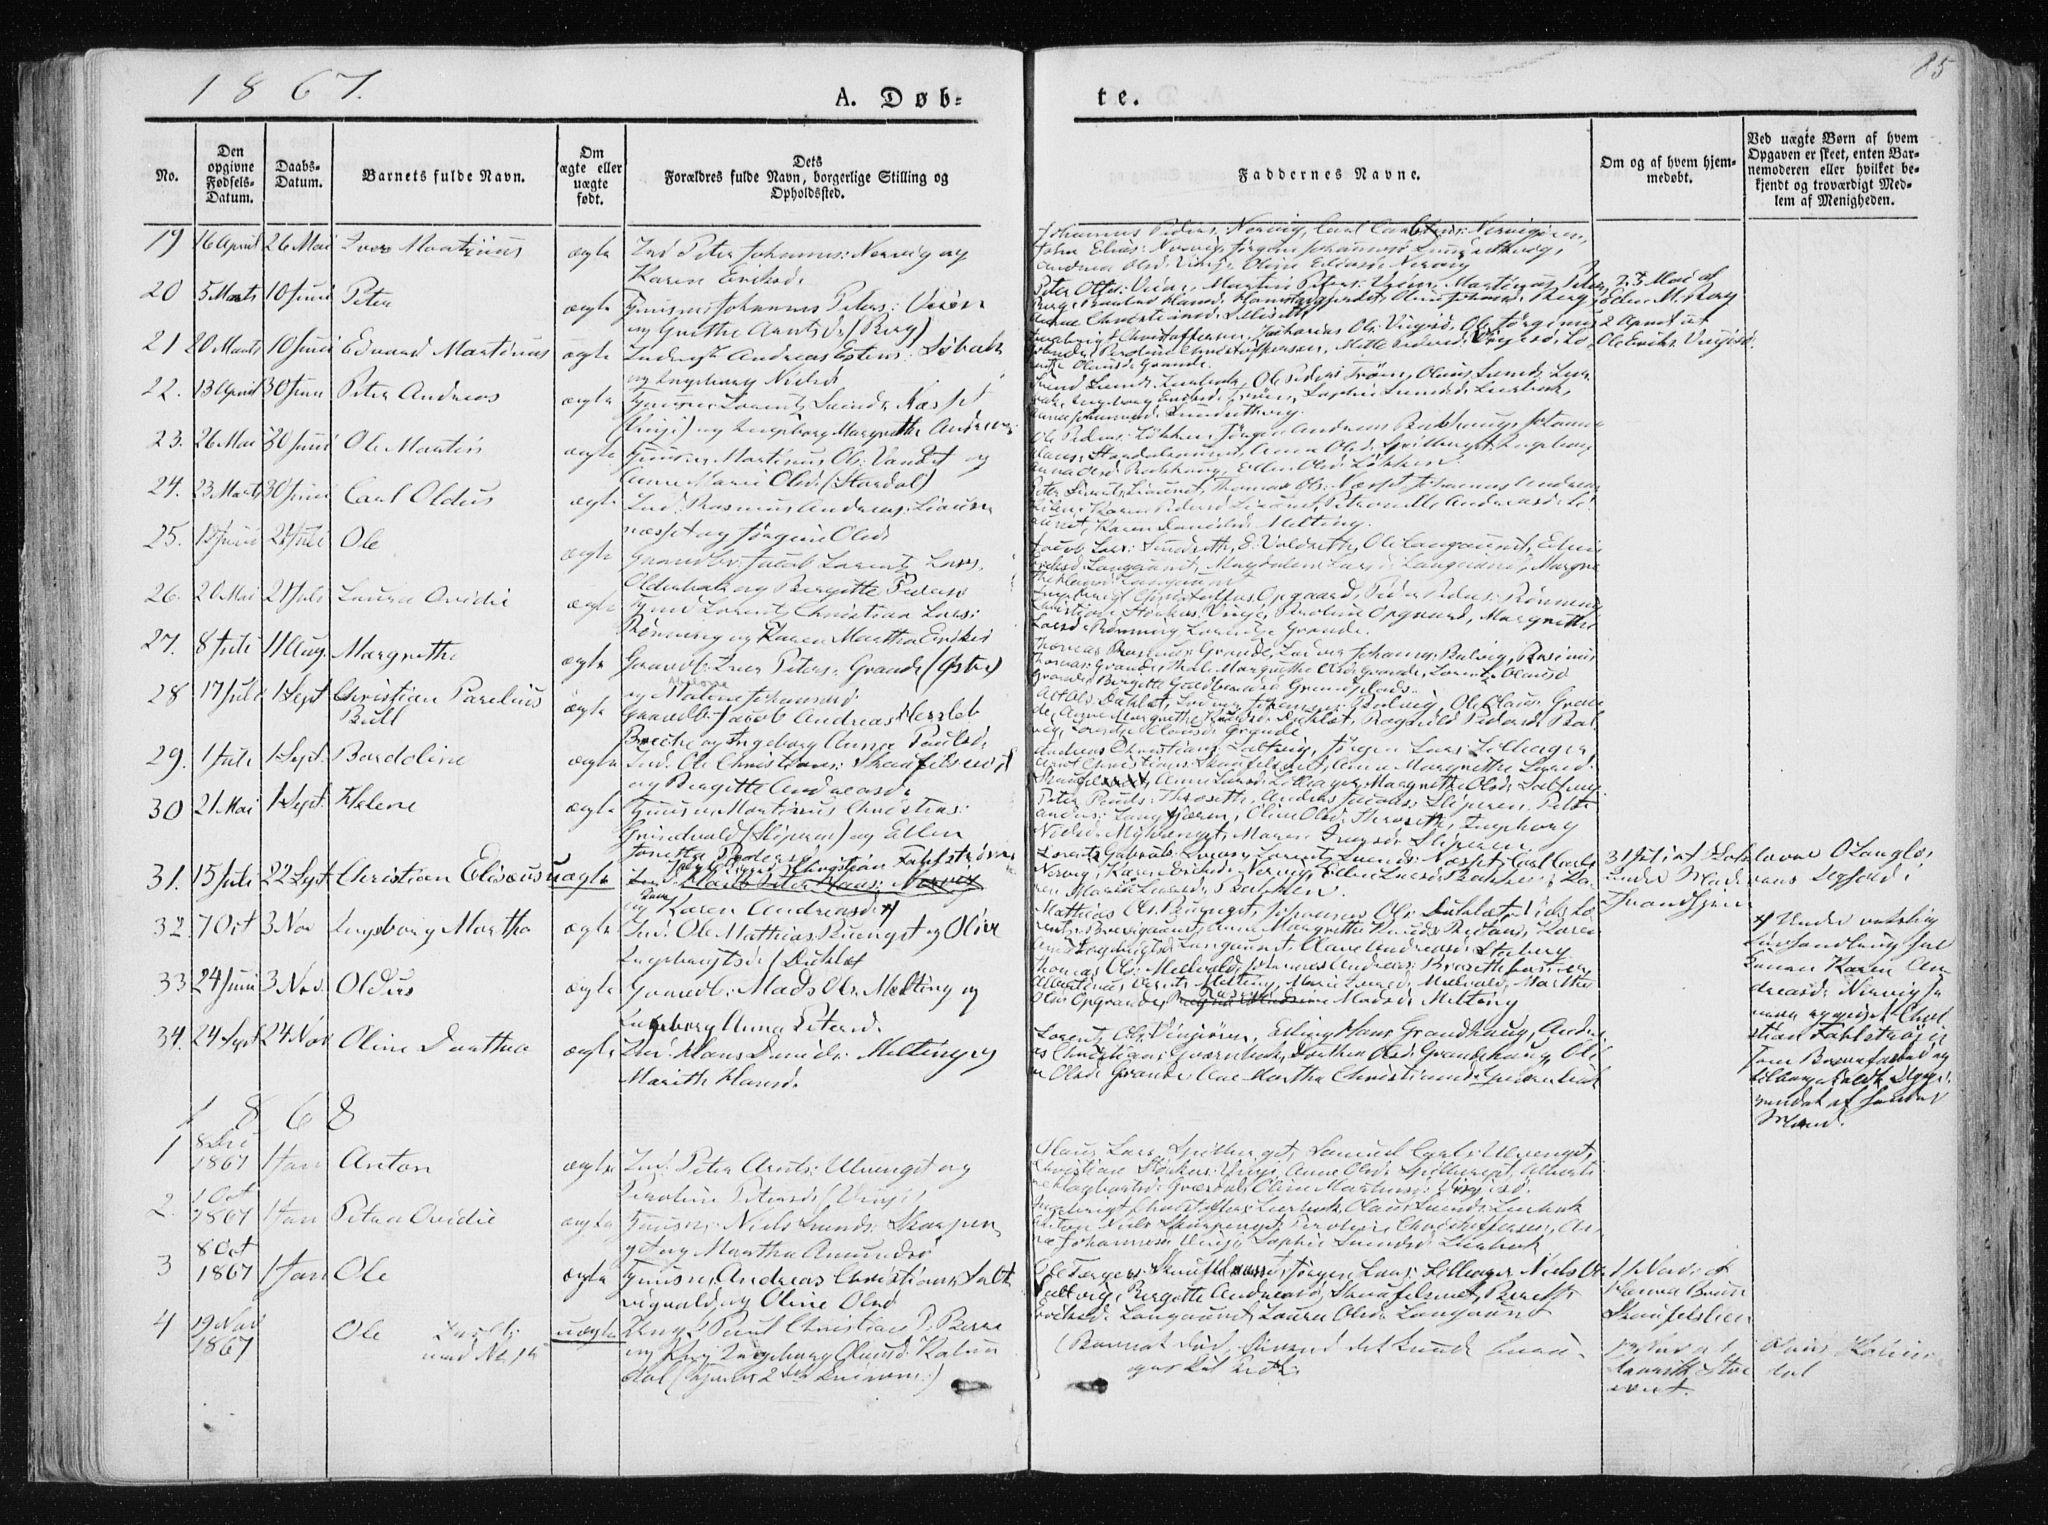 SAT, Ministerialprotokoller, klokkerbøker og fødselsregistre - Nord-Trøndelag, 733/L0323: Ministerialbok nr. 733A02, 1843-1870, s. 85